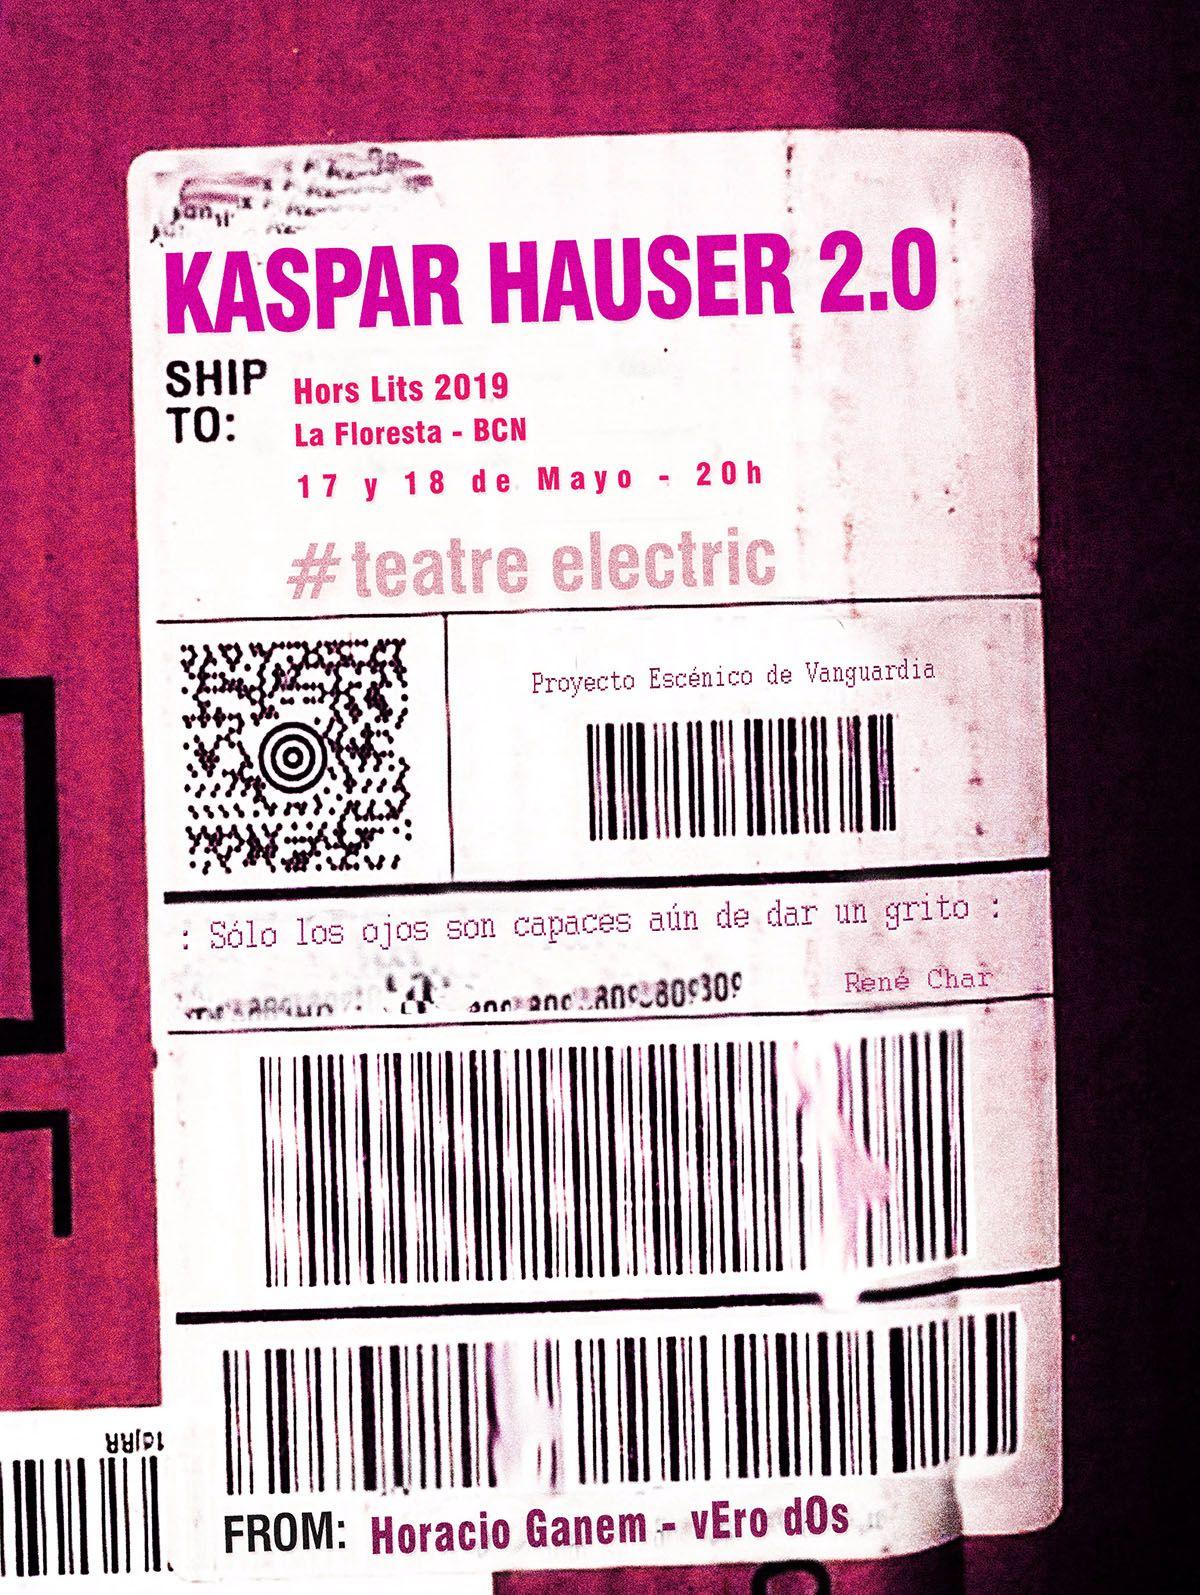 vEro dOs - Kaspar hauser 2.0